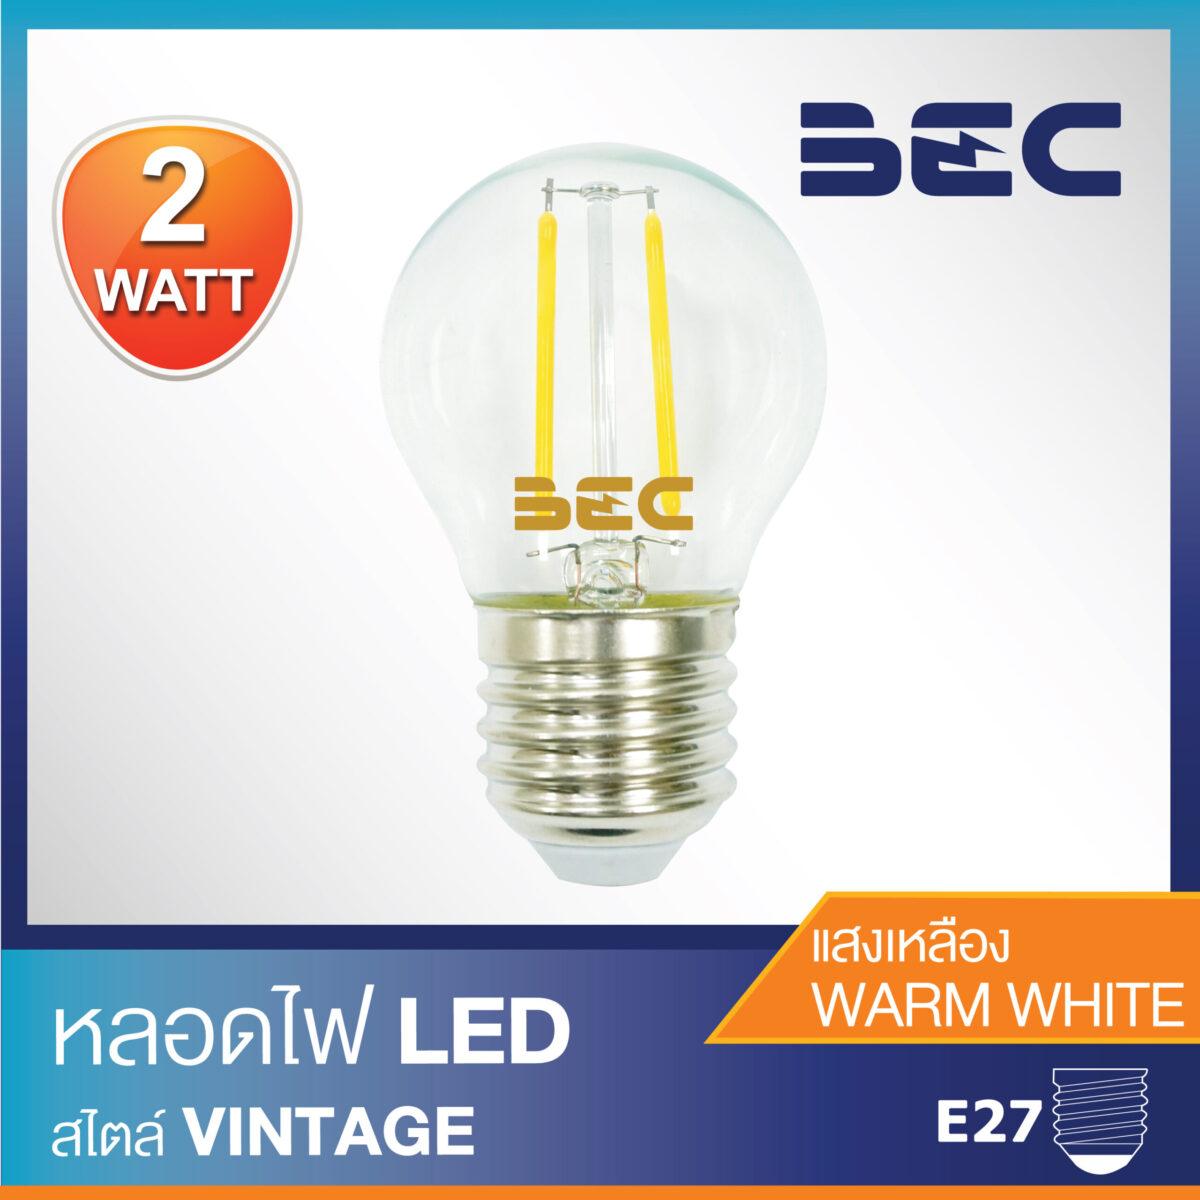 หลอดวินเทจ LED รุ่น Vintage-P